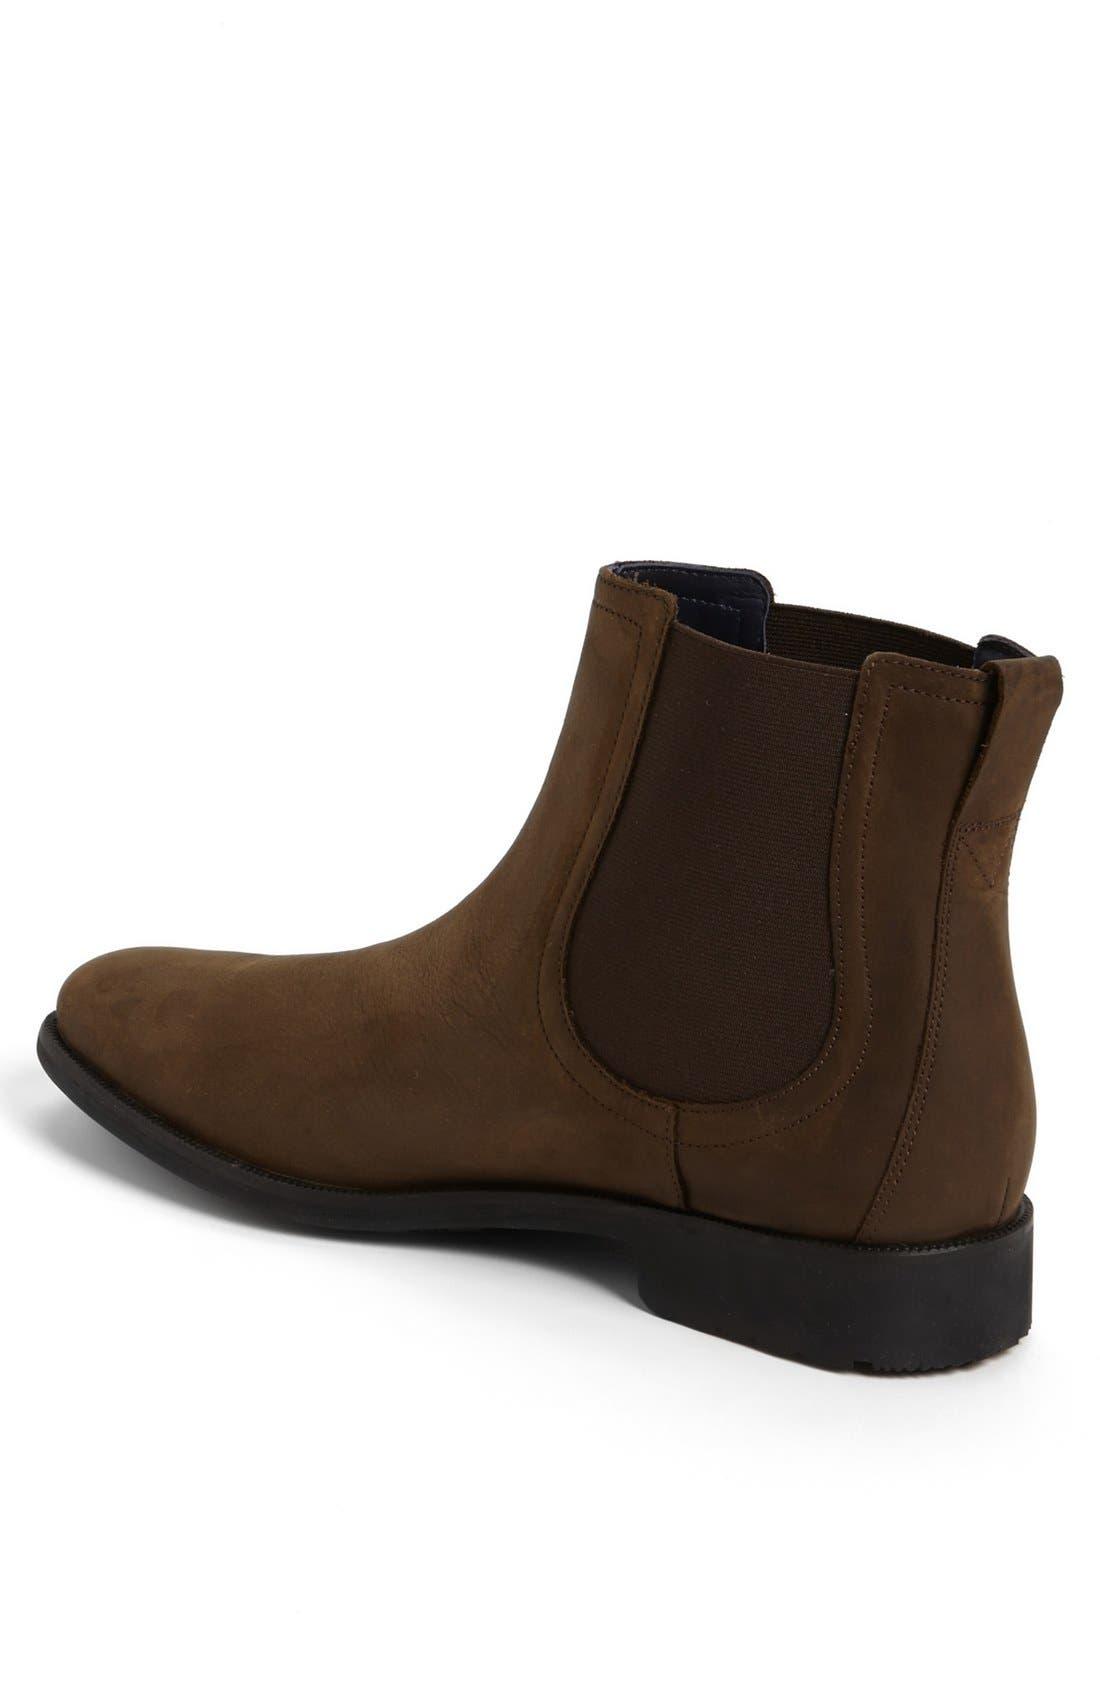 Alternate Image 2  - Cole Haan 'Stanton' Chelsea Boot   (Men)